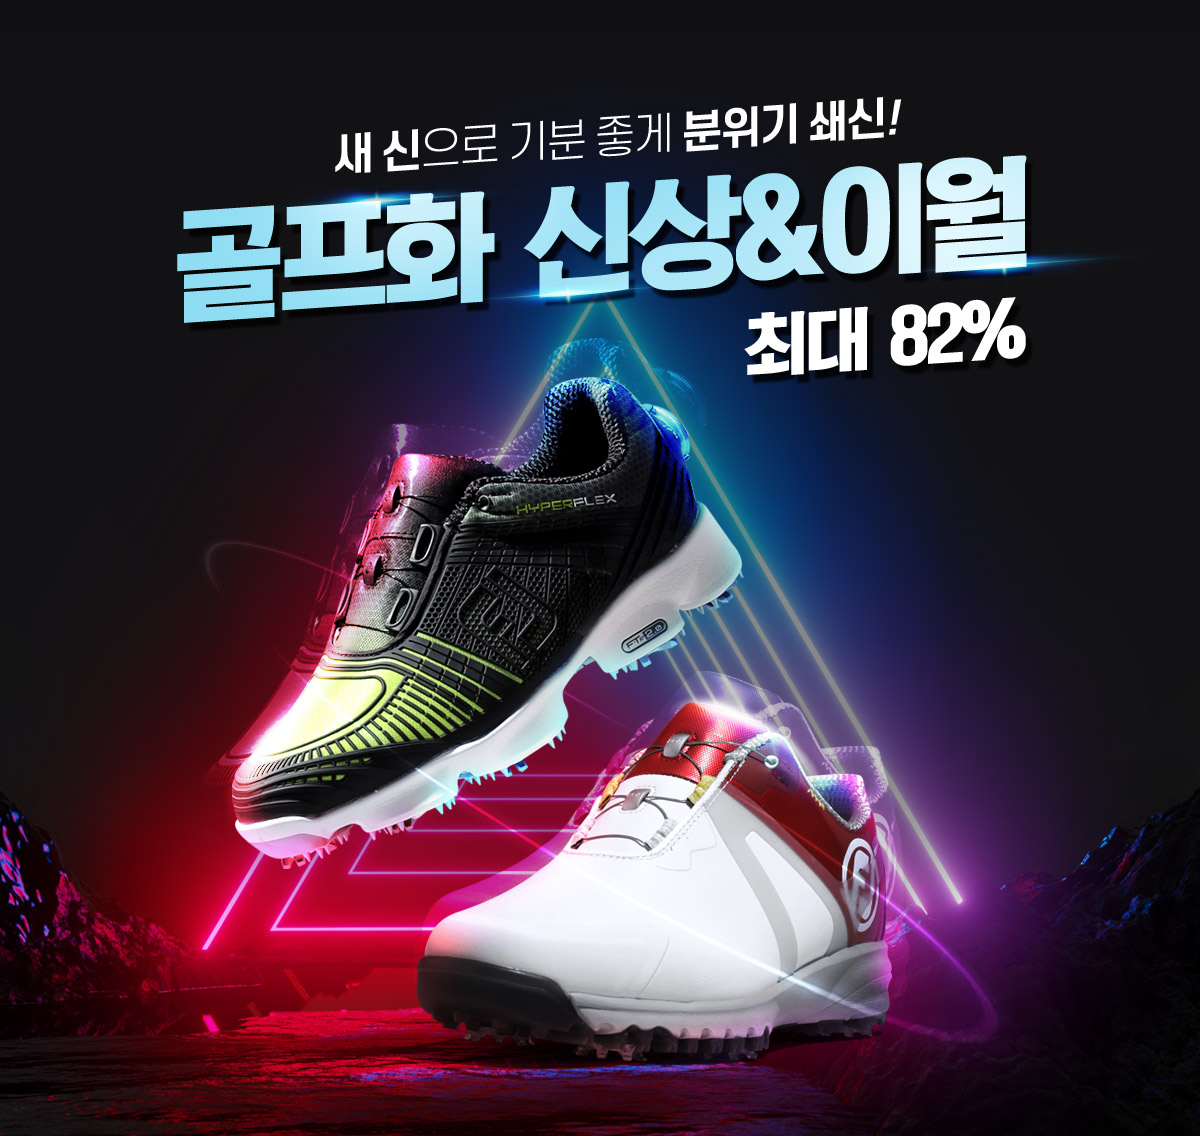 shoes21_m_SBS_01.jpg